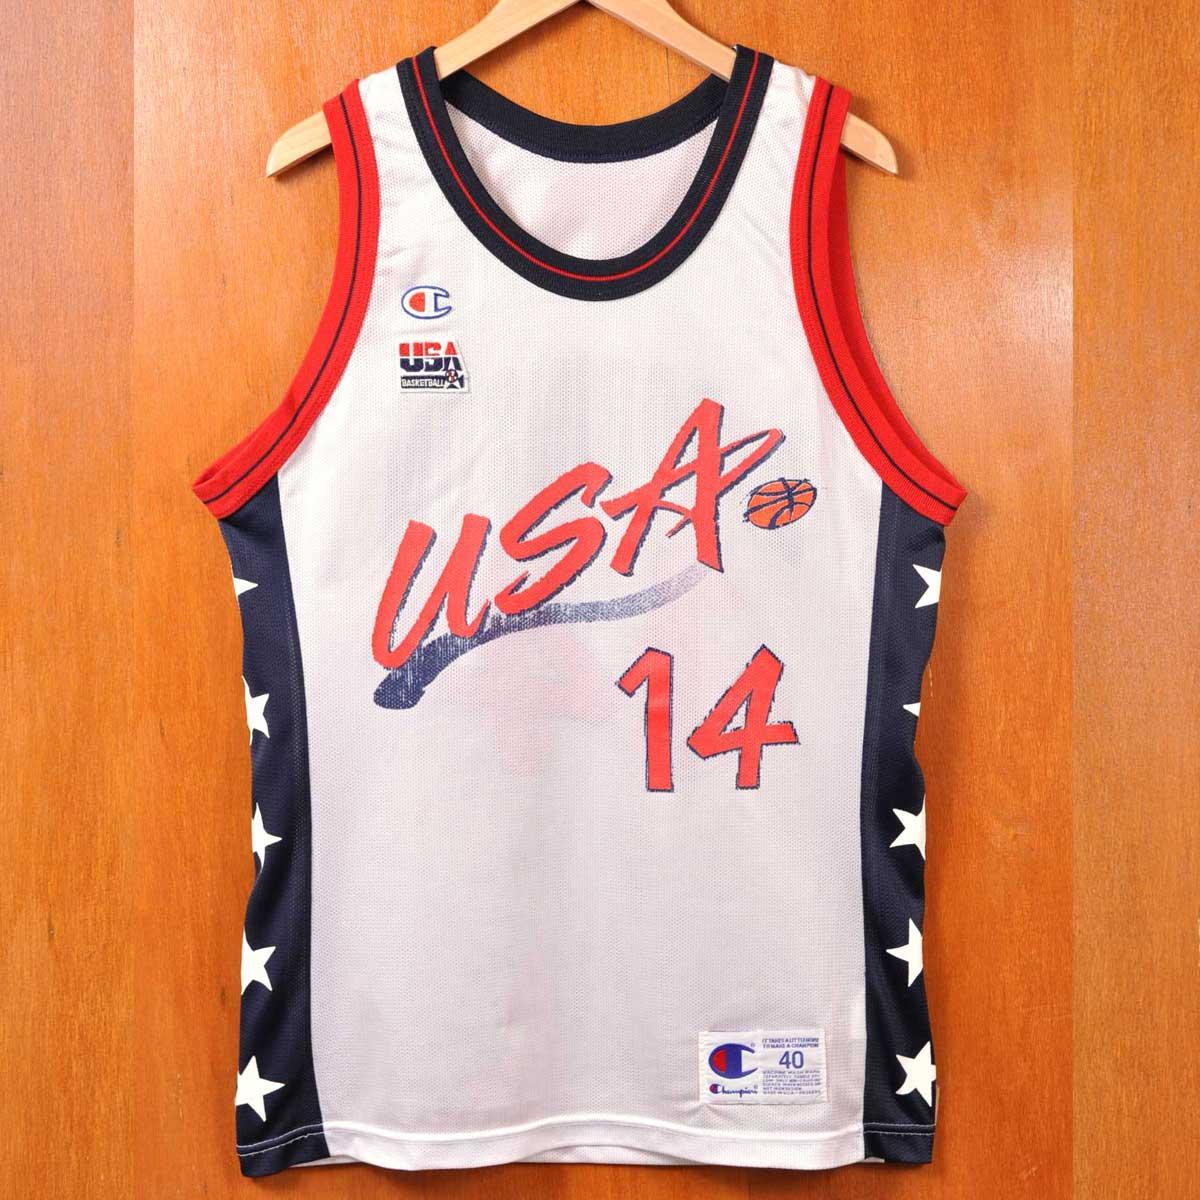 ヴィンテージ 1990年代 USA製 / CHAMPION チャンピオン / オリンピック ドリームチーム / グレン・ロビンソン / バスケ タンクトップ ユニフォーム / ホワイト×ネイビー×レッド / メンズS相当【中古】▽